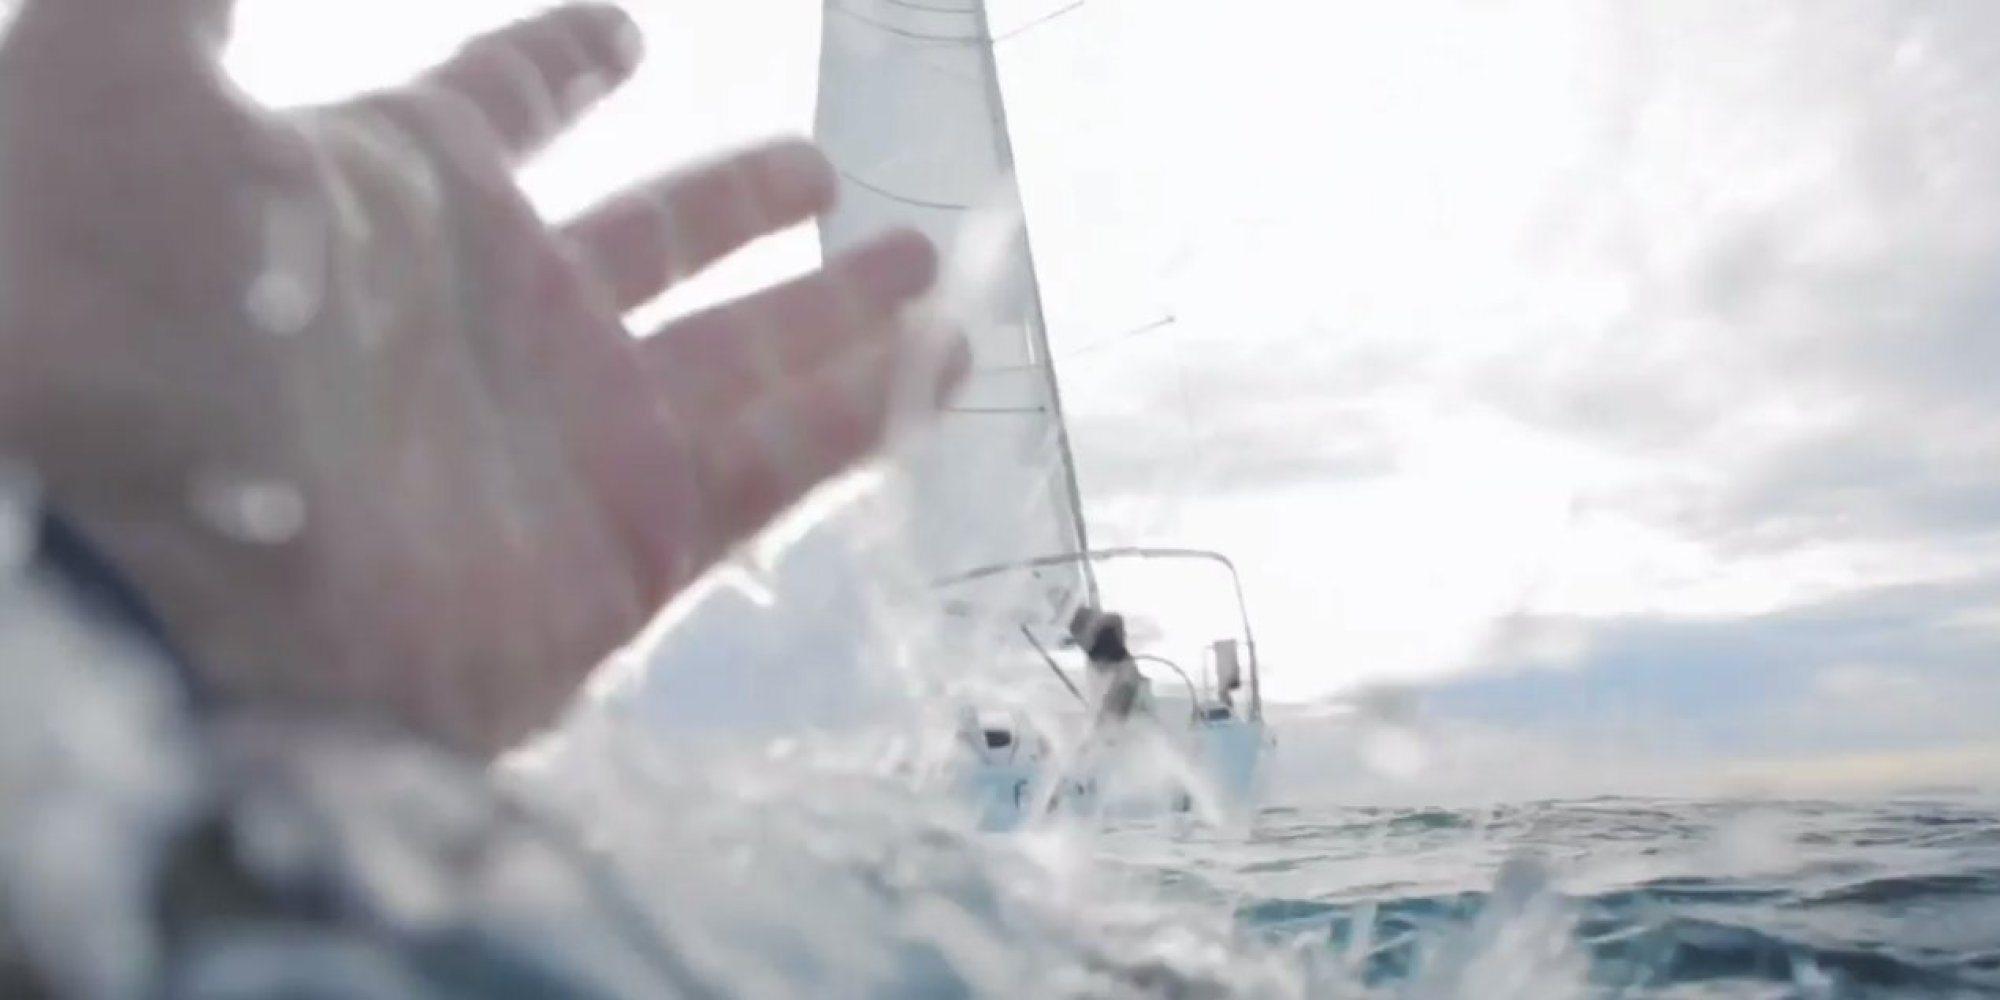 sortie en mer ahogarse